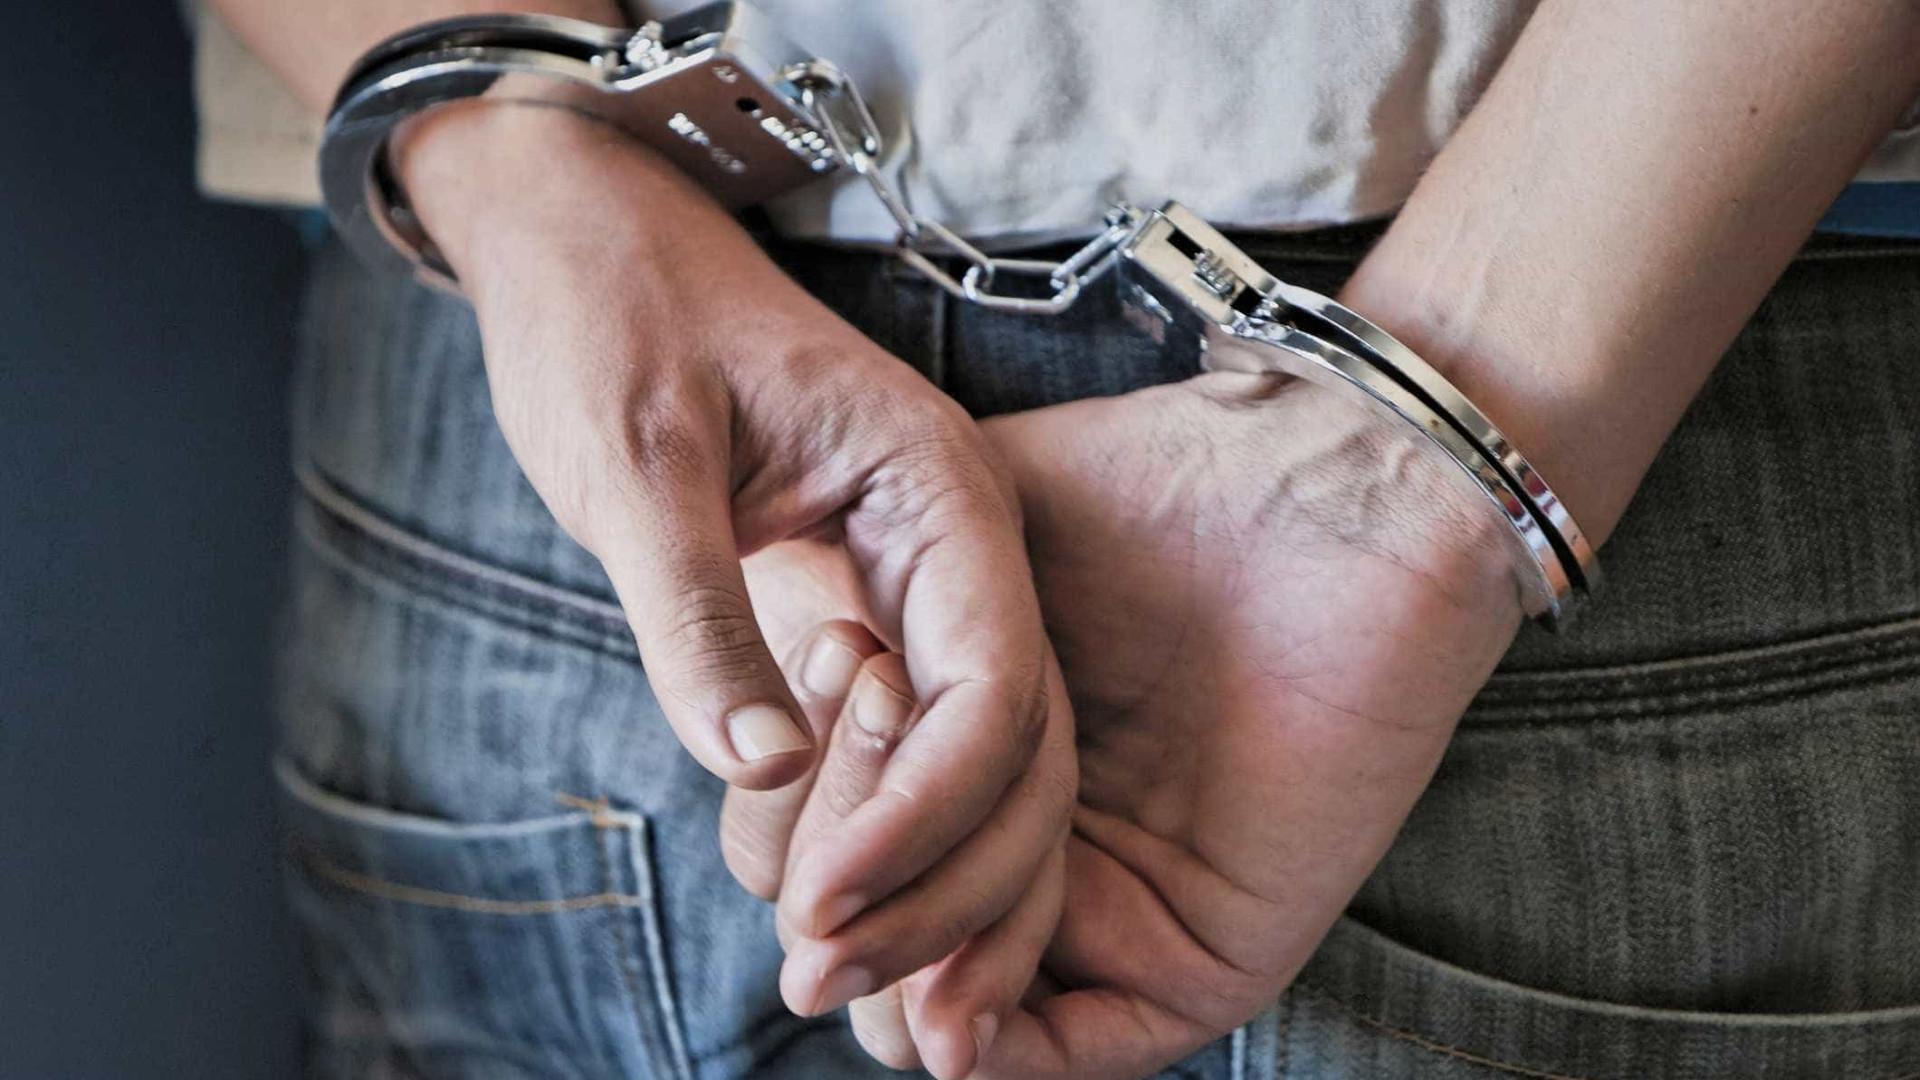 Português condenado na França a 16 anos de prisão por roubar idosos